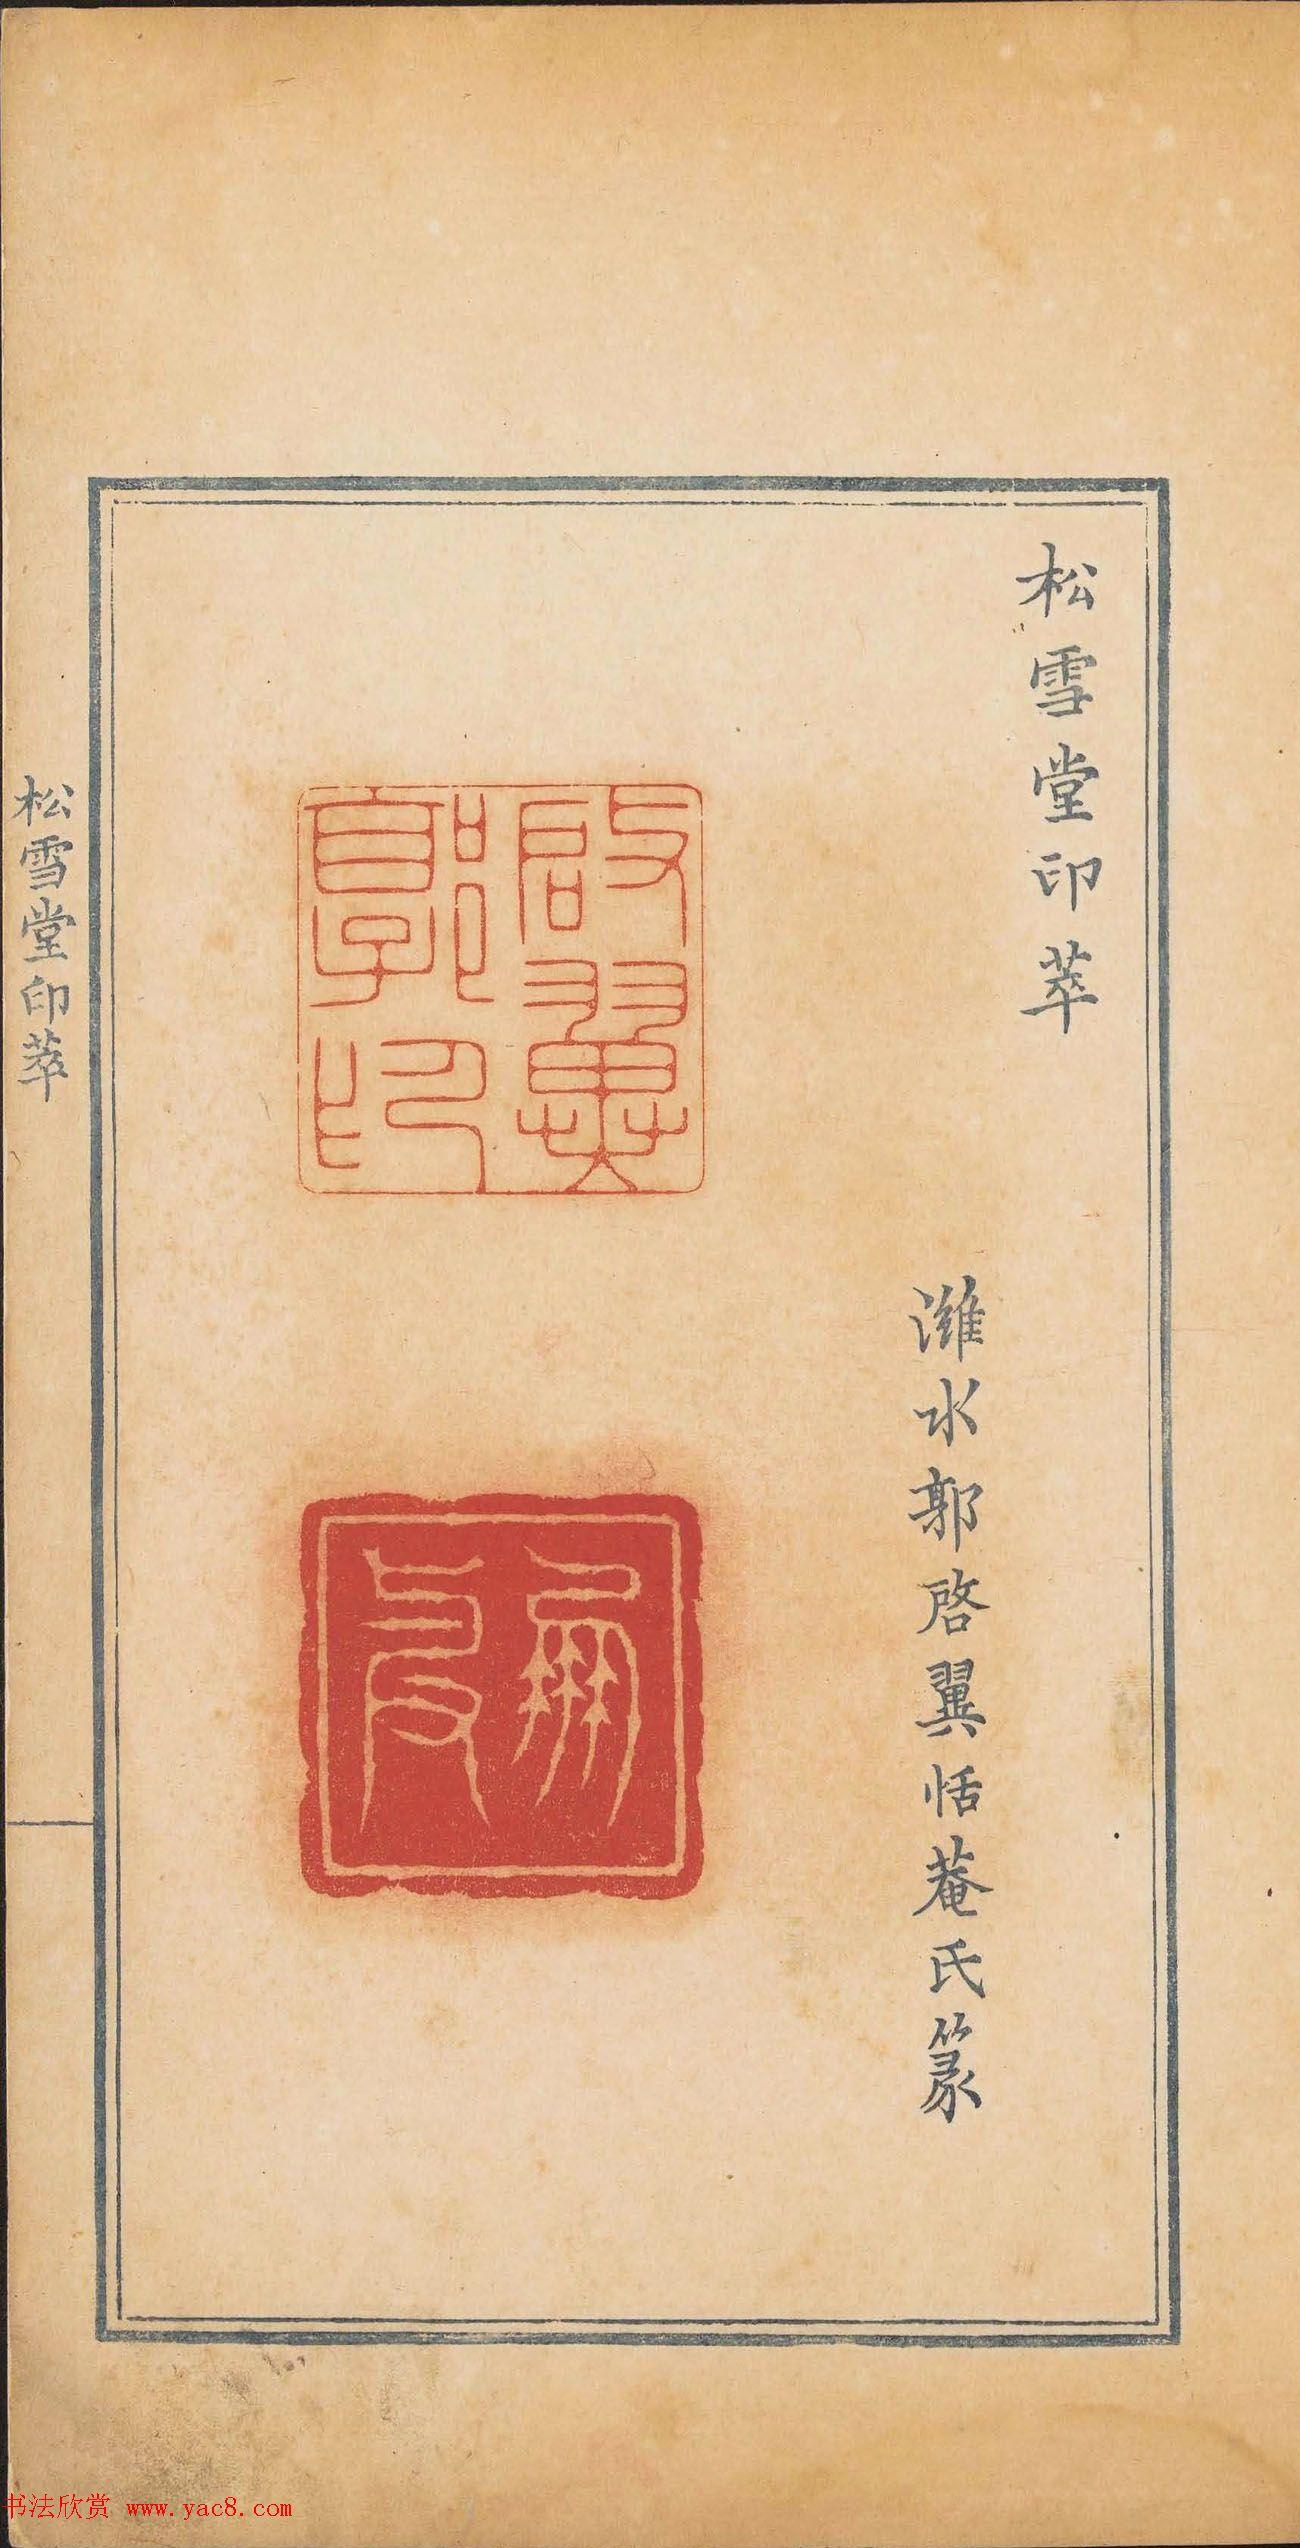 清代郭启翼篆刻《松雪堂印萃》第二册